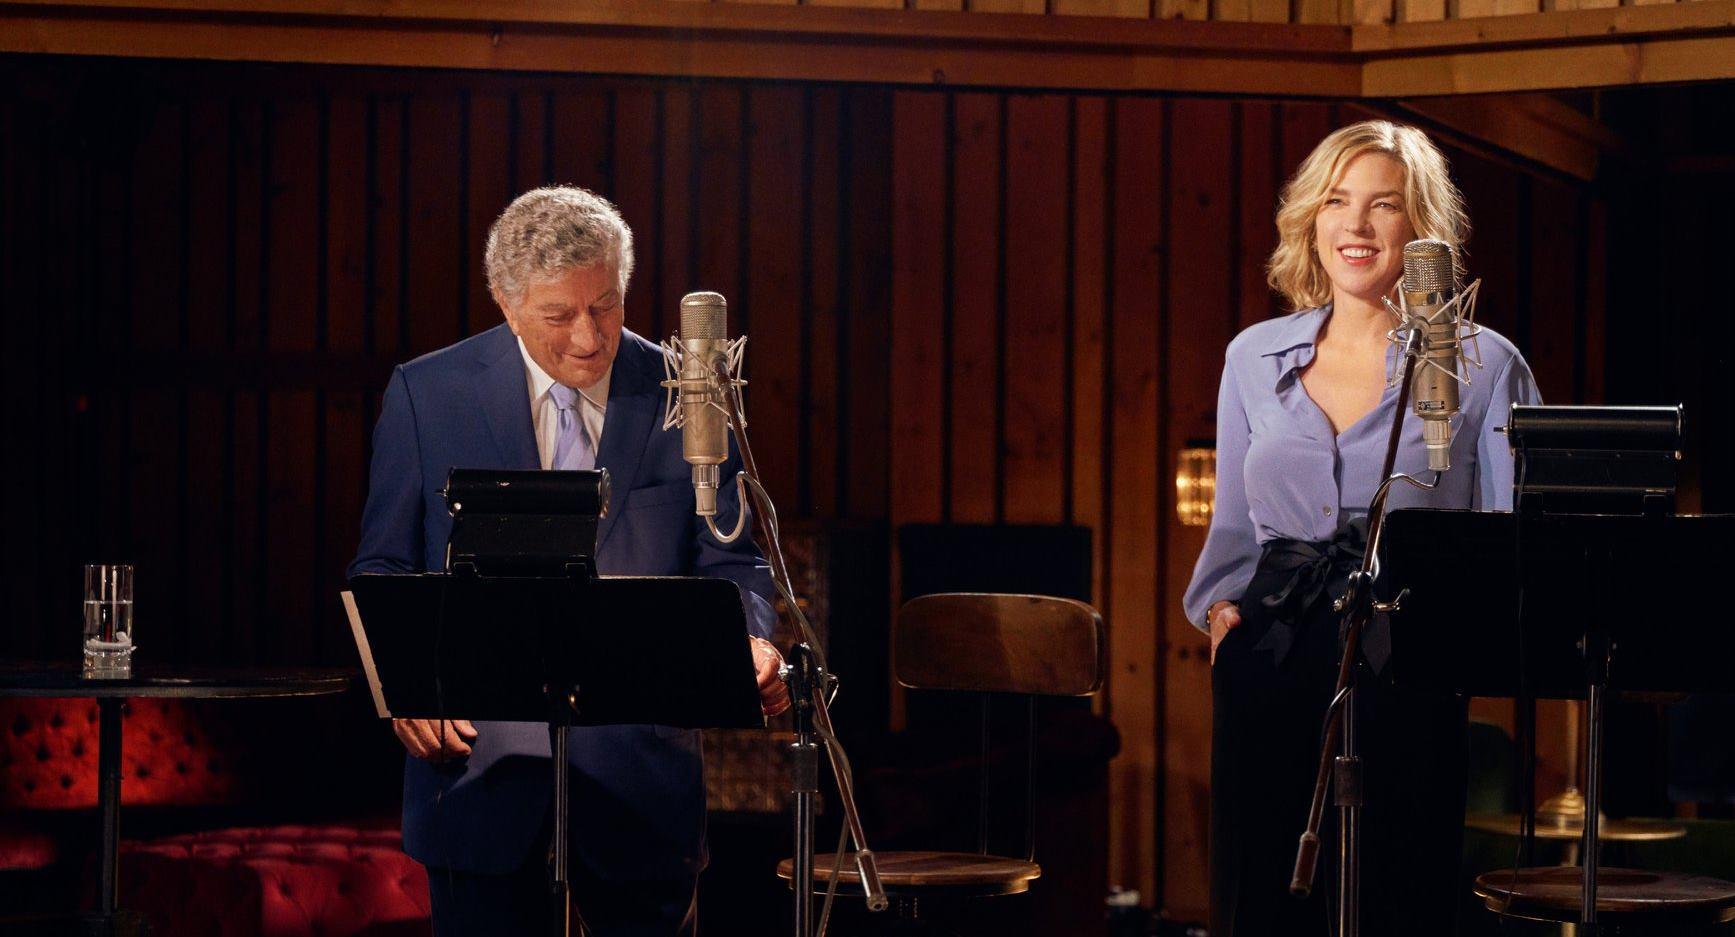 VIDEO: Kratki intervjui s poznatim glazbenicima Tonyem Bennettom i Dianom Krall